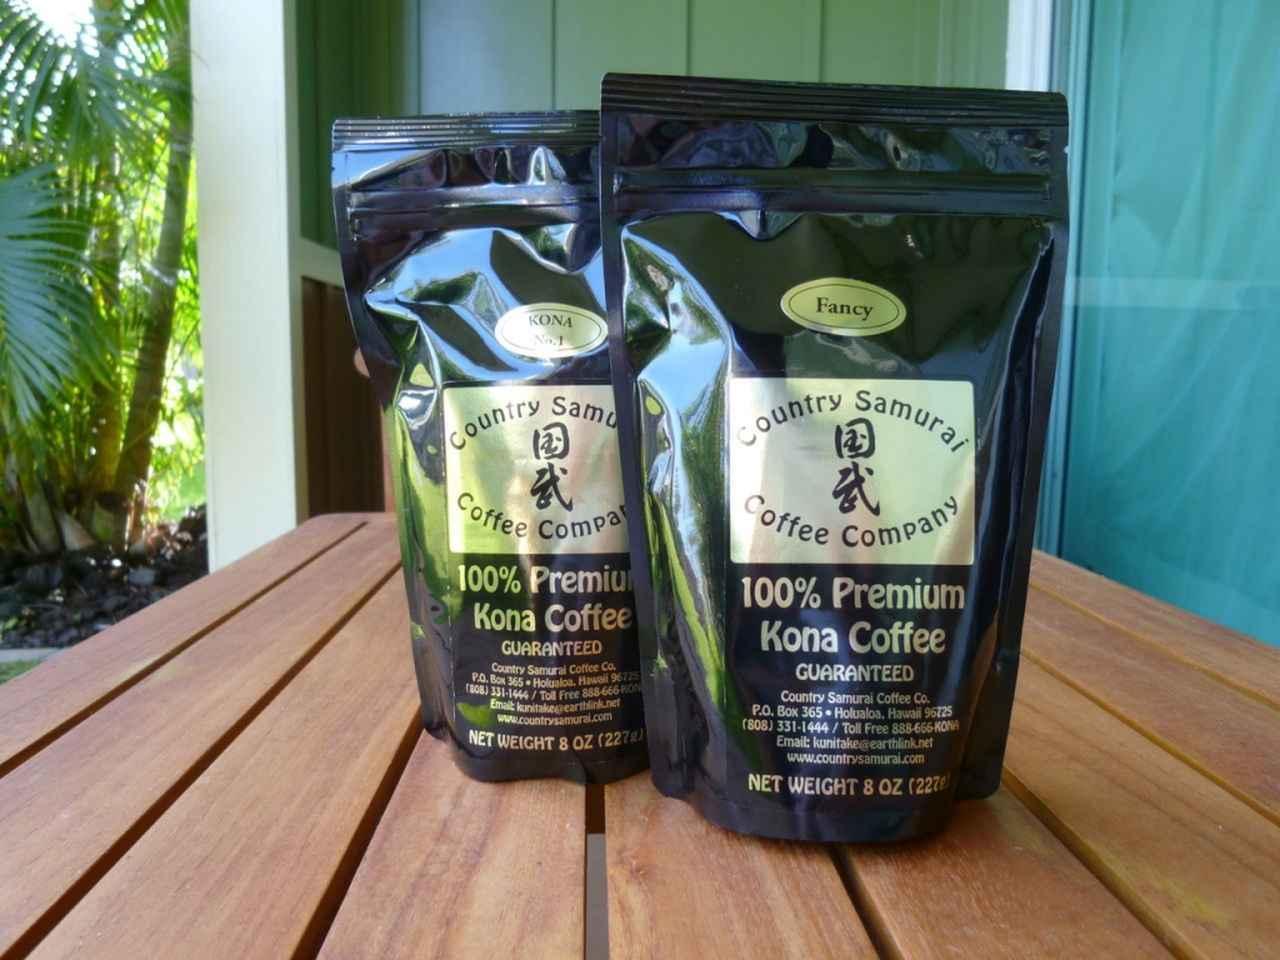 画像: ハワイ島土産の定番コナ・コーヒー